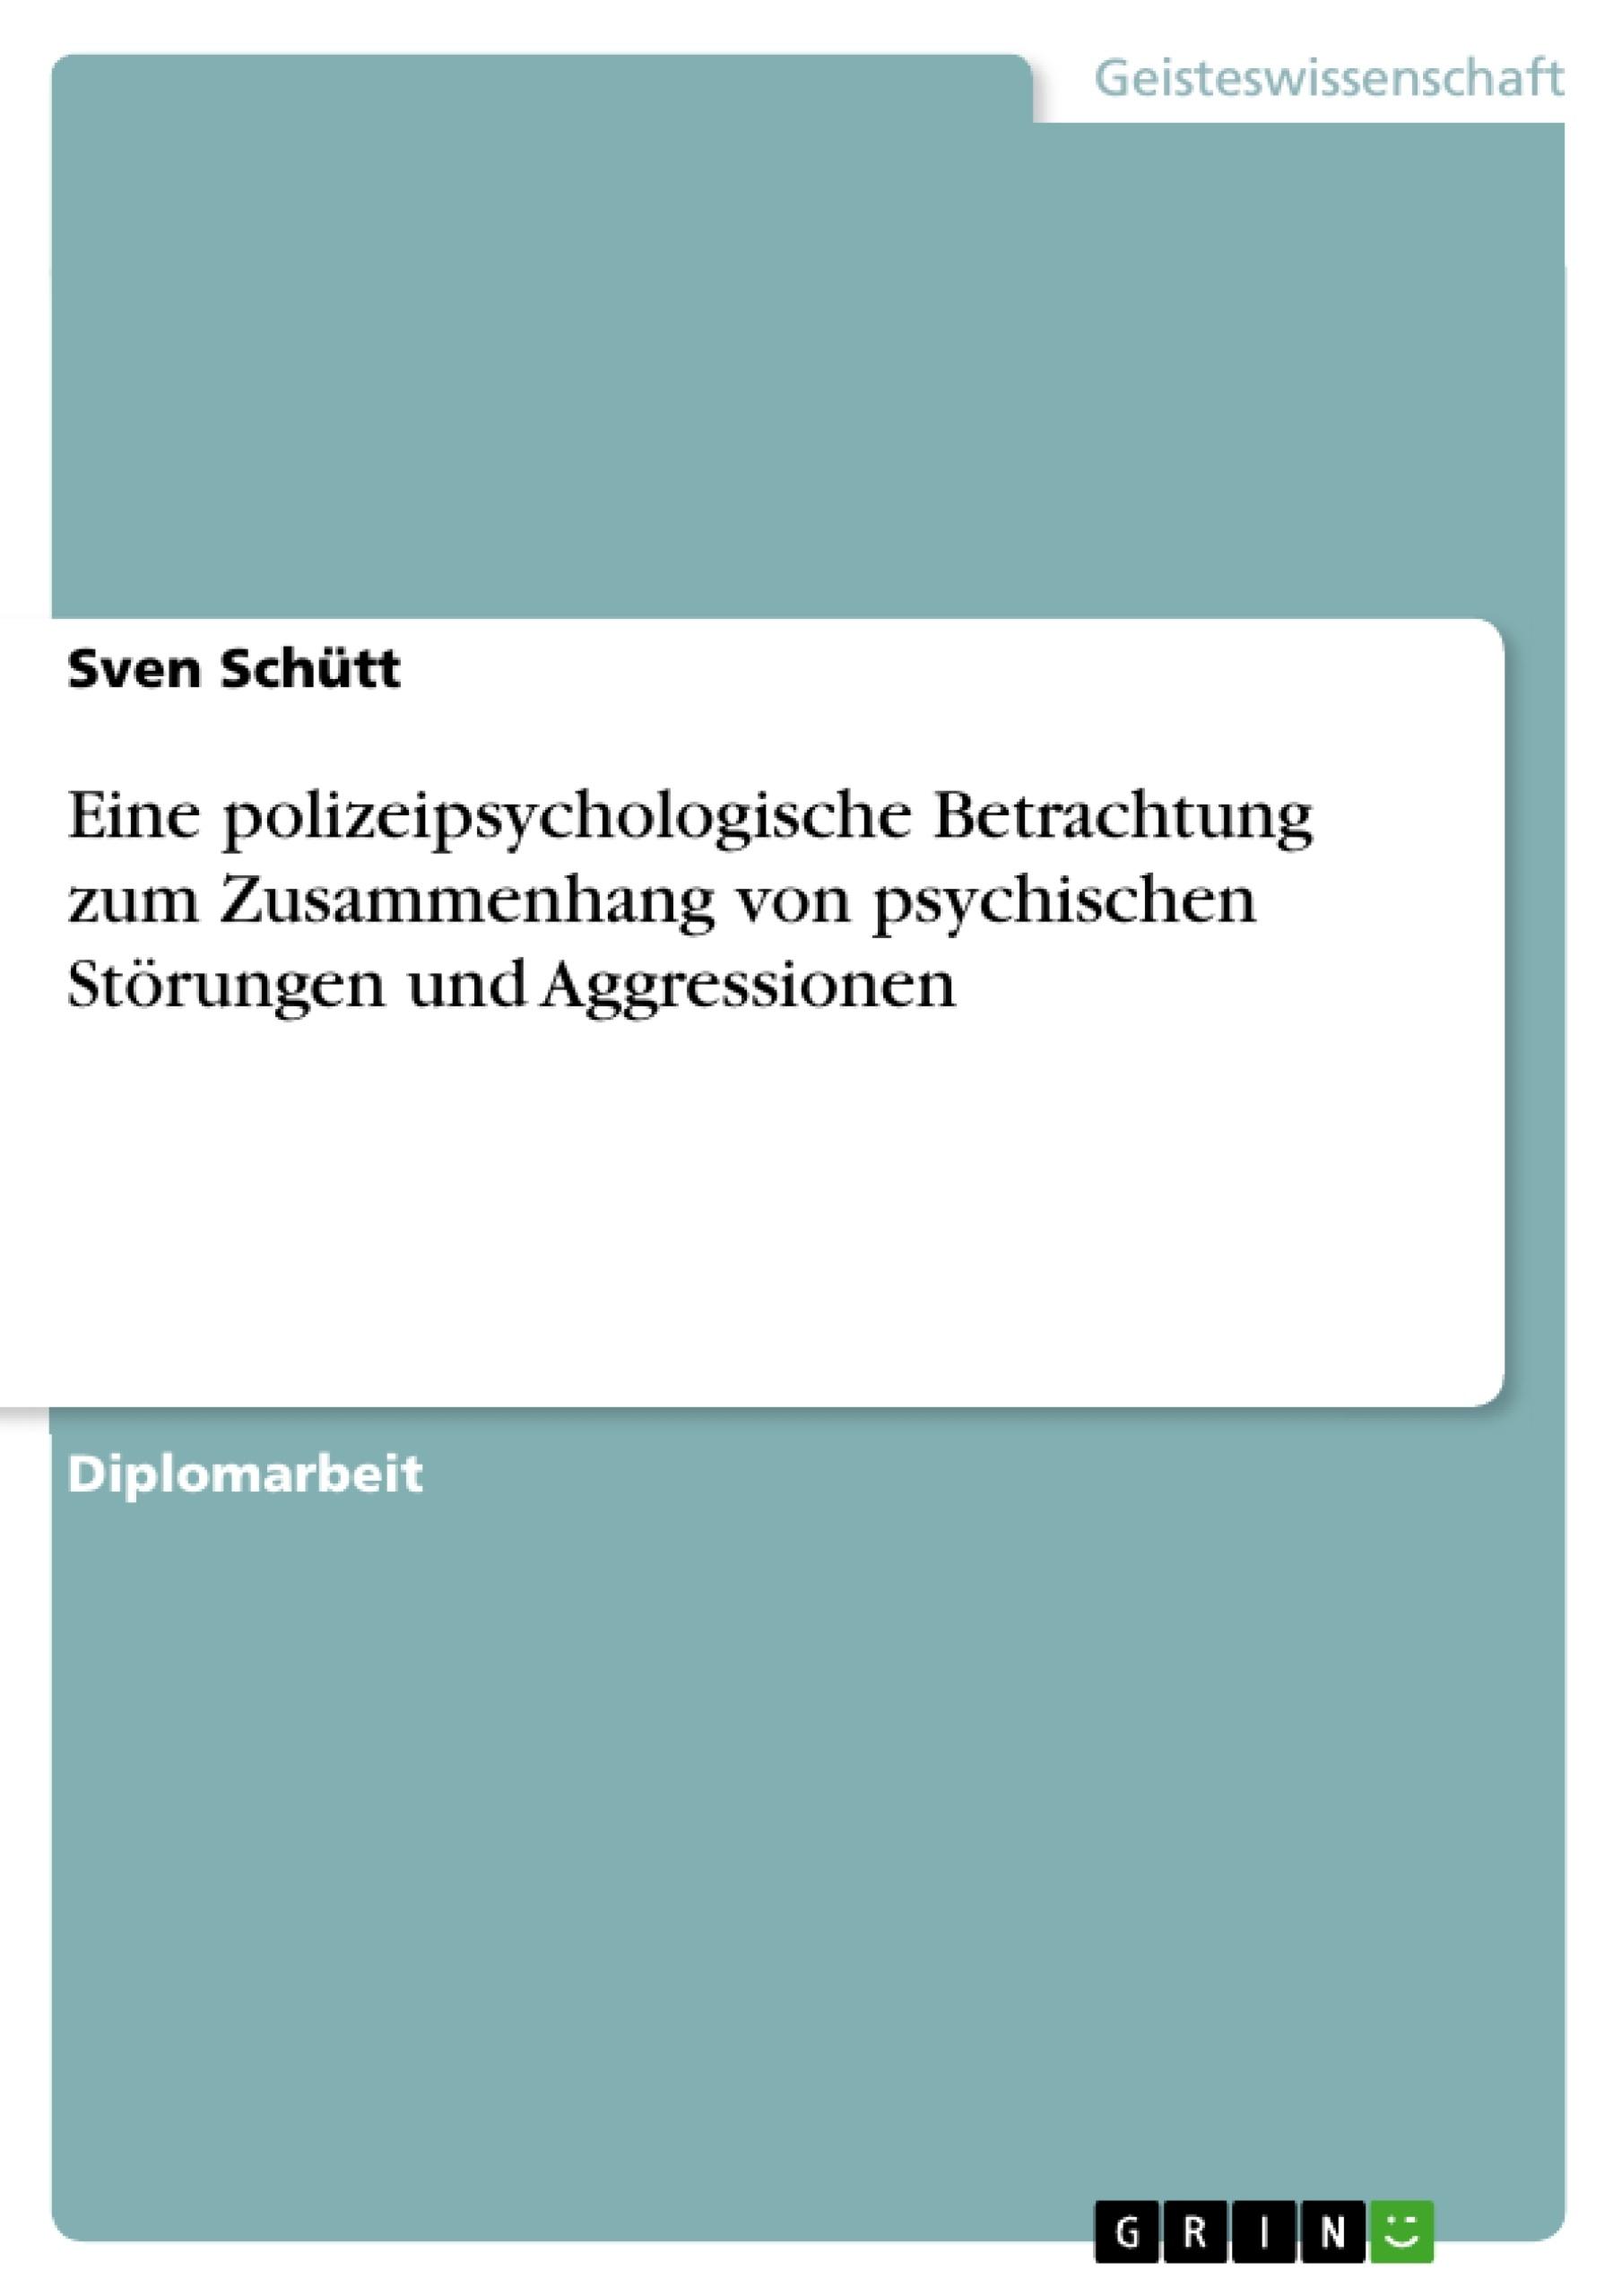 Titel: Eine polizeipsychologische Betrachtung zum Zusammenhang von psychischen Störungen und Aggressionen